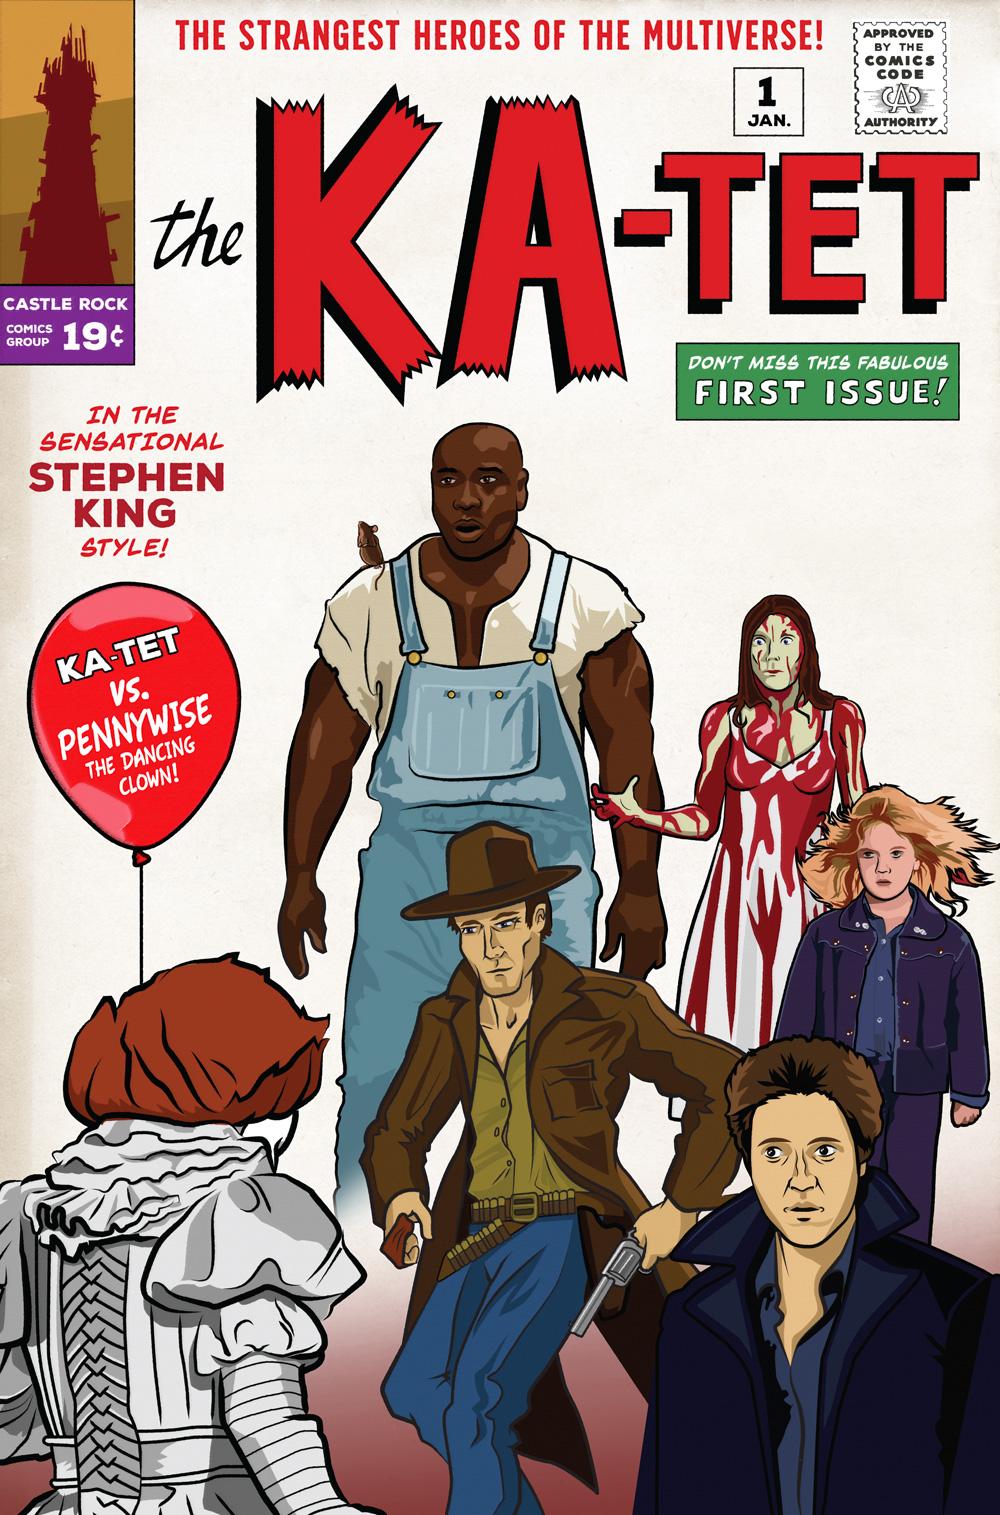 Stephen King fan art